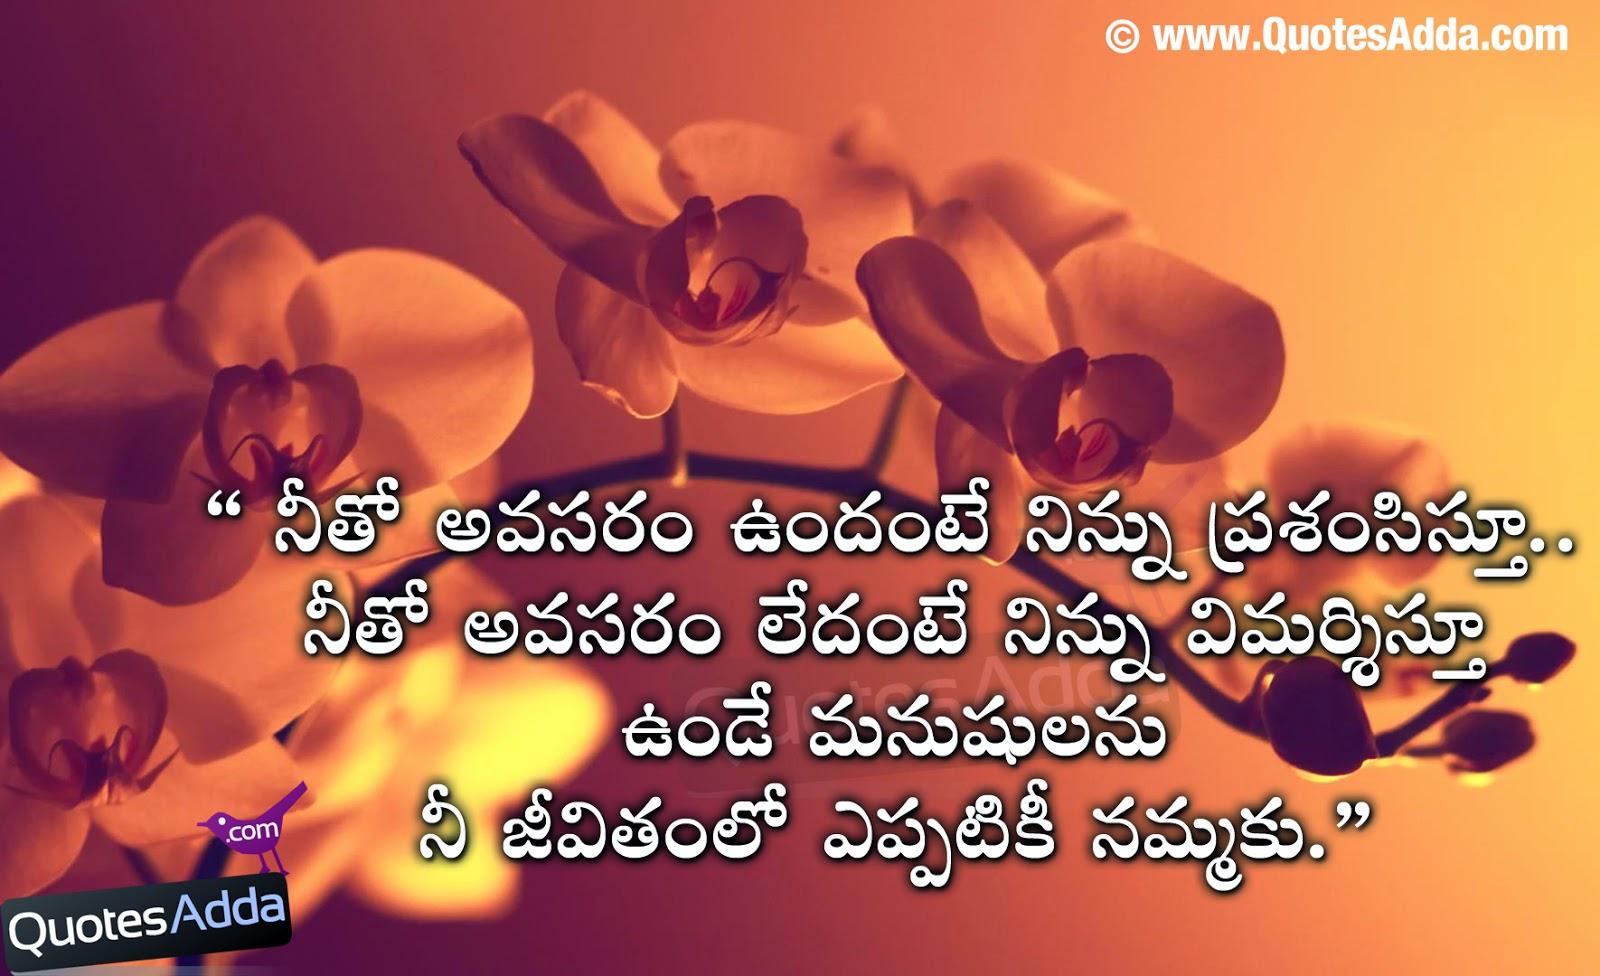 New Inspiring Life Quotations in Telugu | Quotes Adda.com | Telugu ...